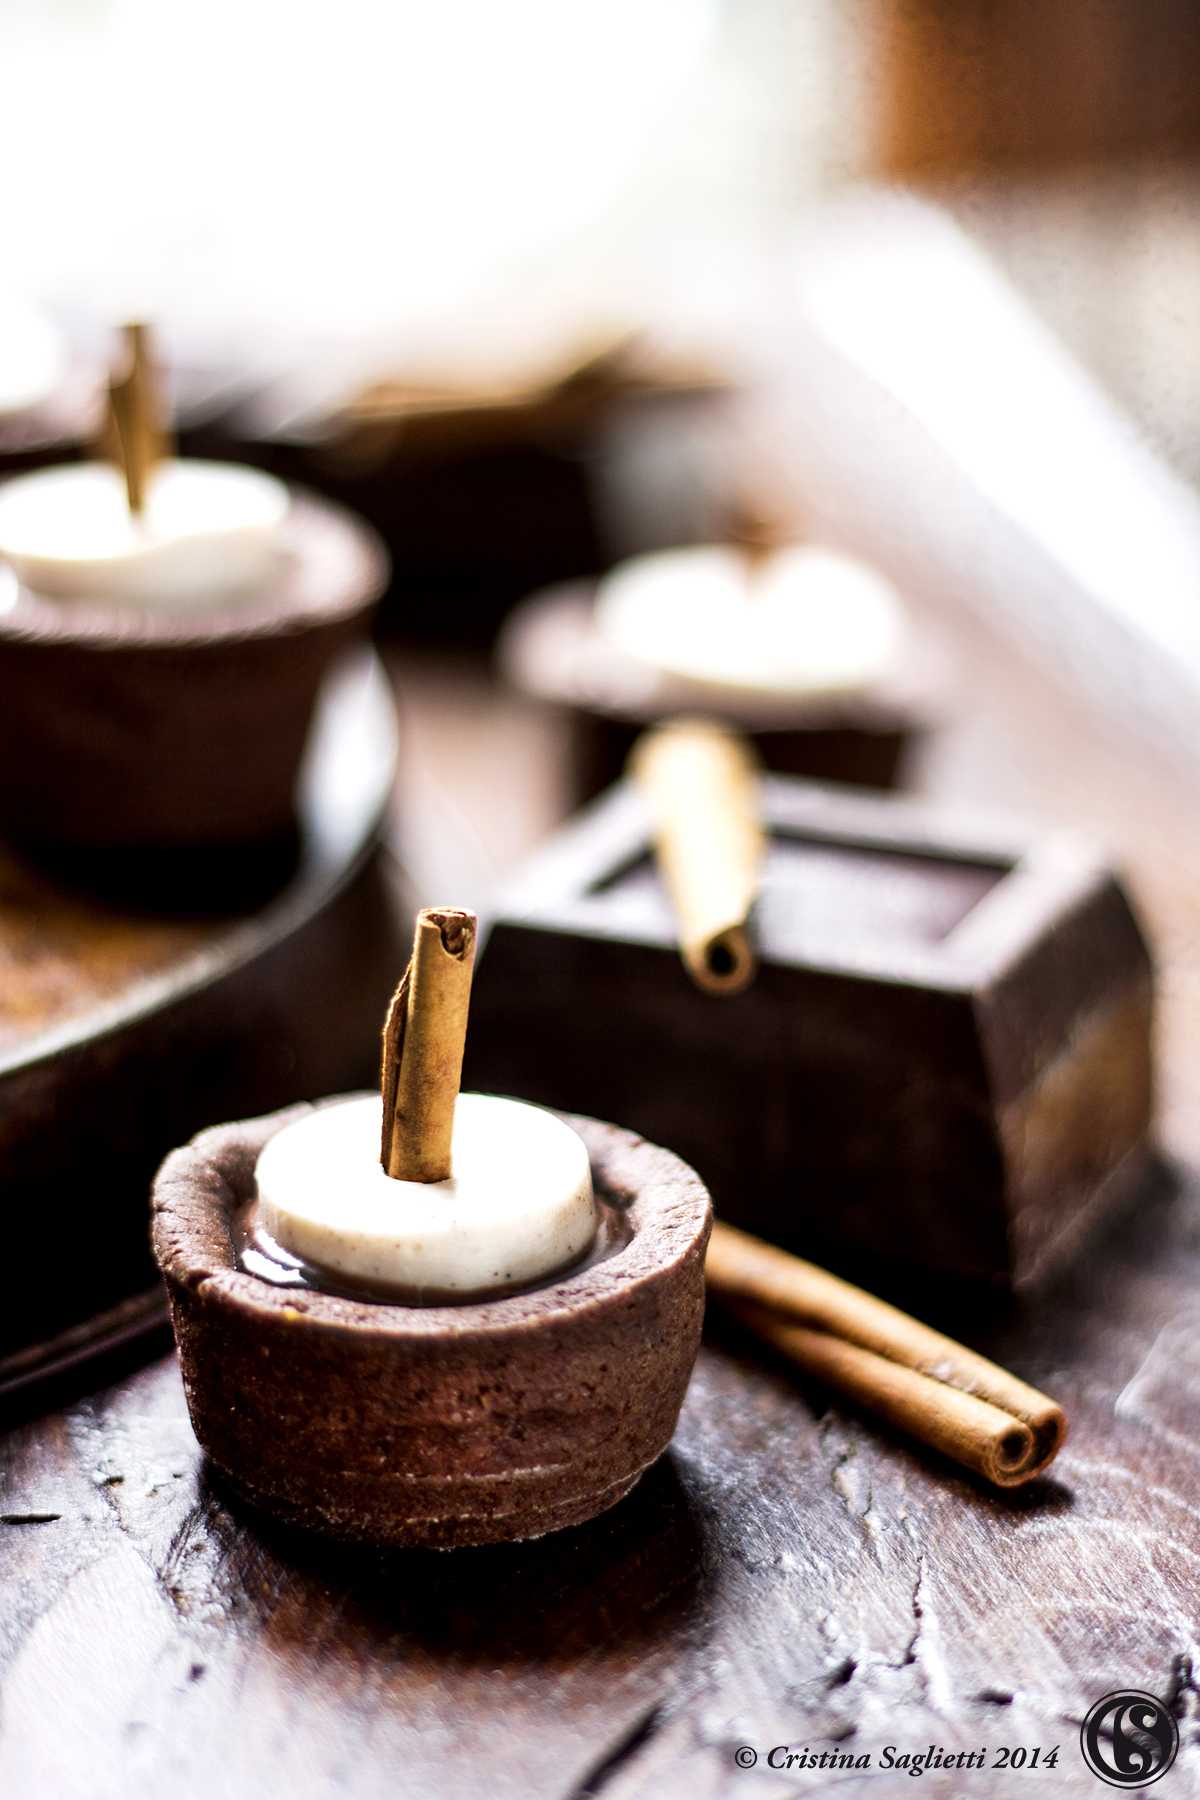 mignon-al-cioccolato-fondente-con-panna-cotta-alla-cannella-5-contemporaneo-food